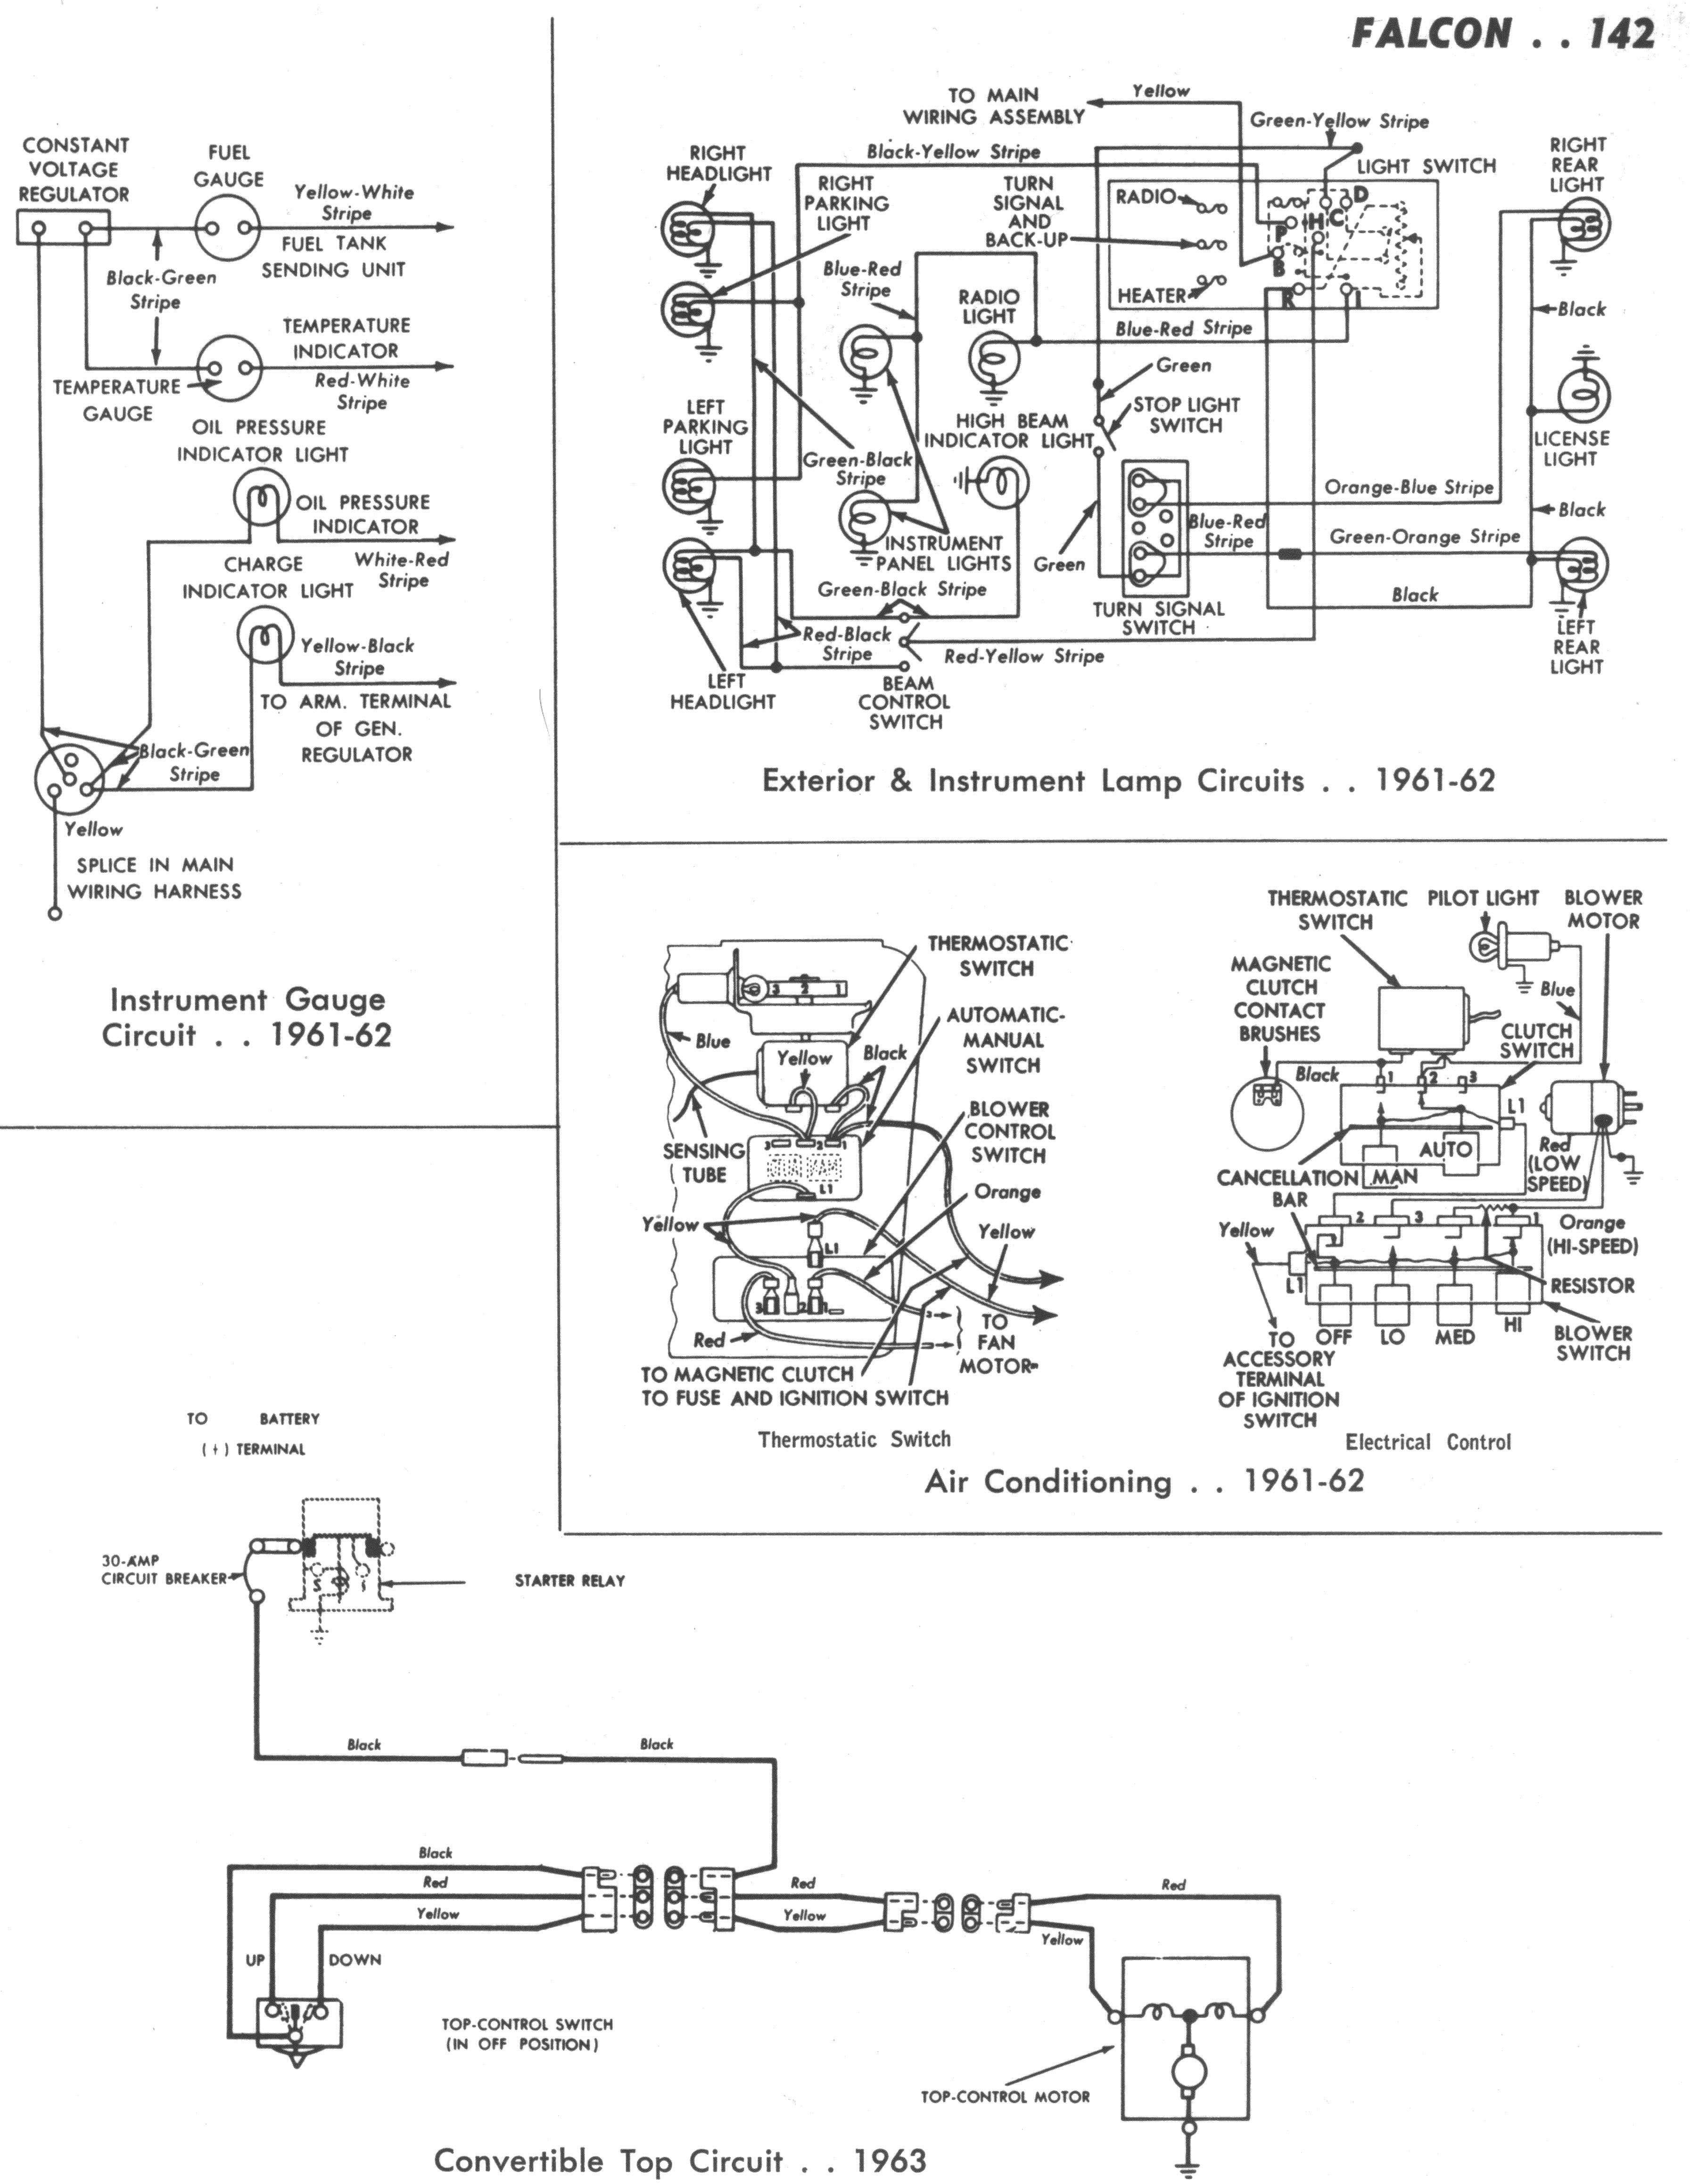 2005 isuzu npr wiring diagram wv 5375  isuzu npr wiring diagram additionally 1965 ford falcon  wv 5375  isuzu npr wiring diagram